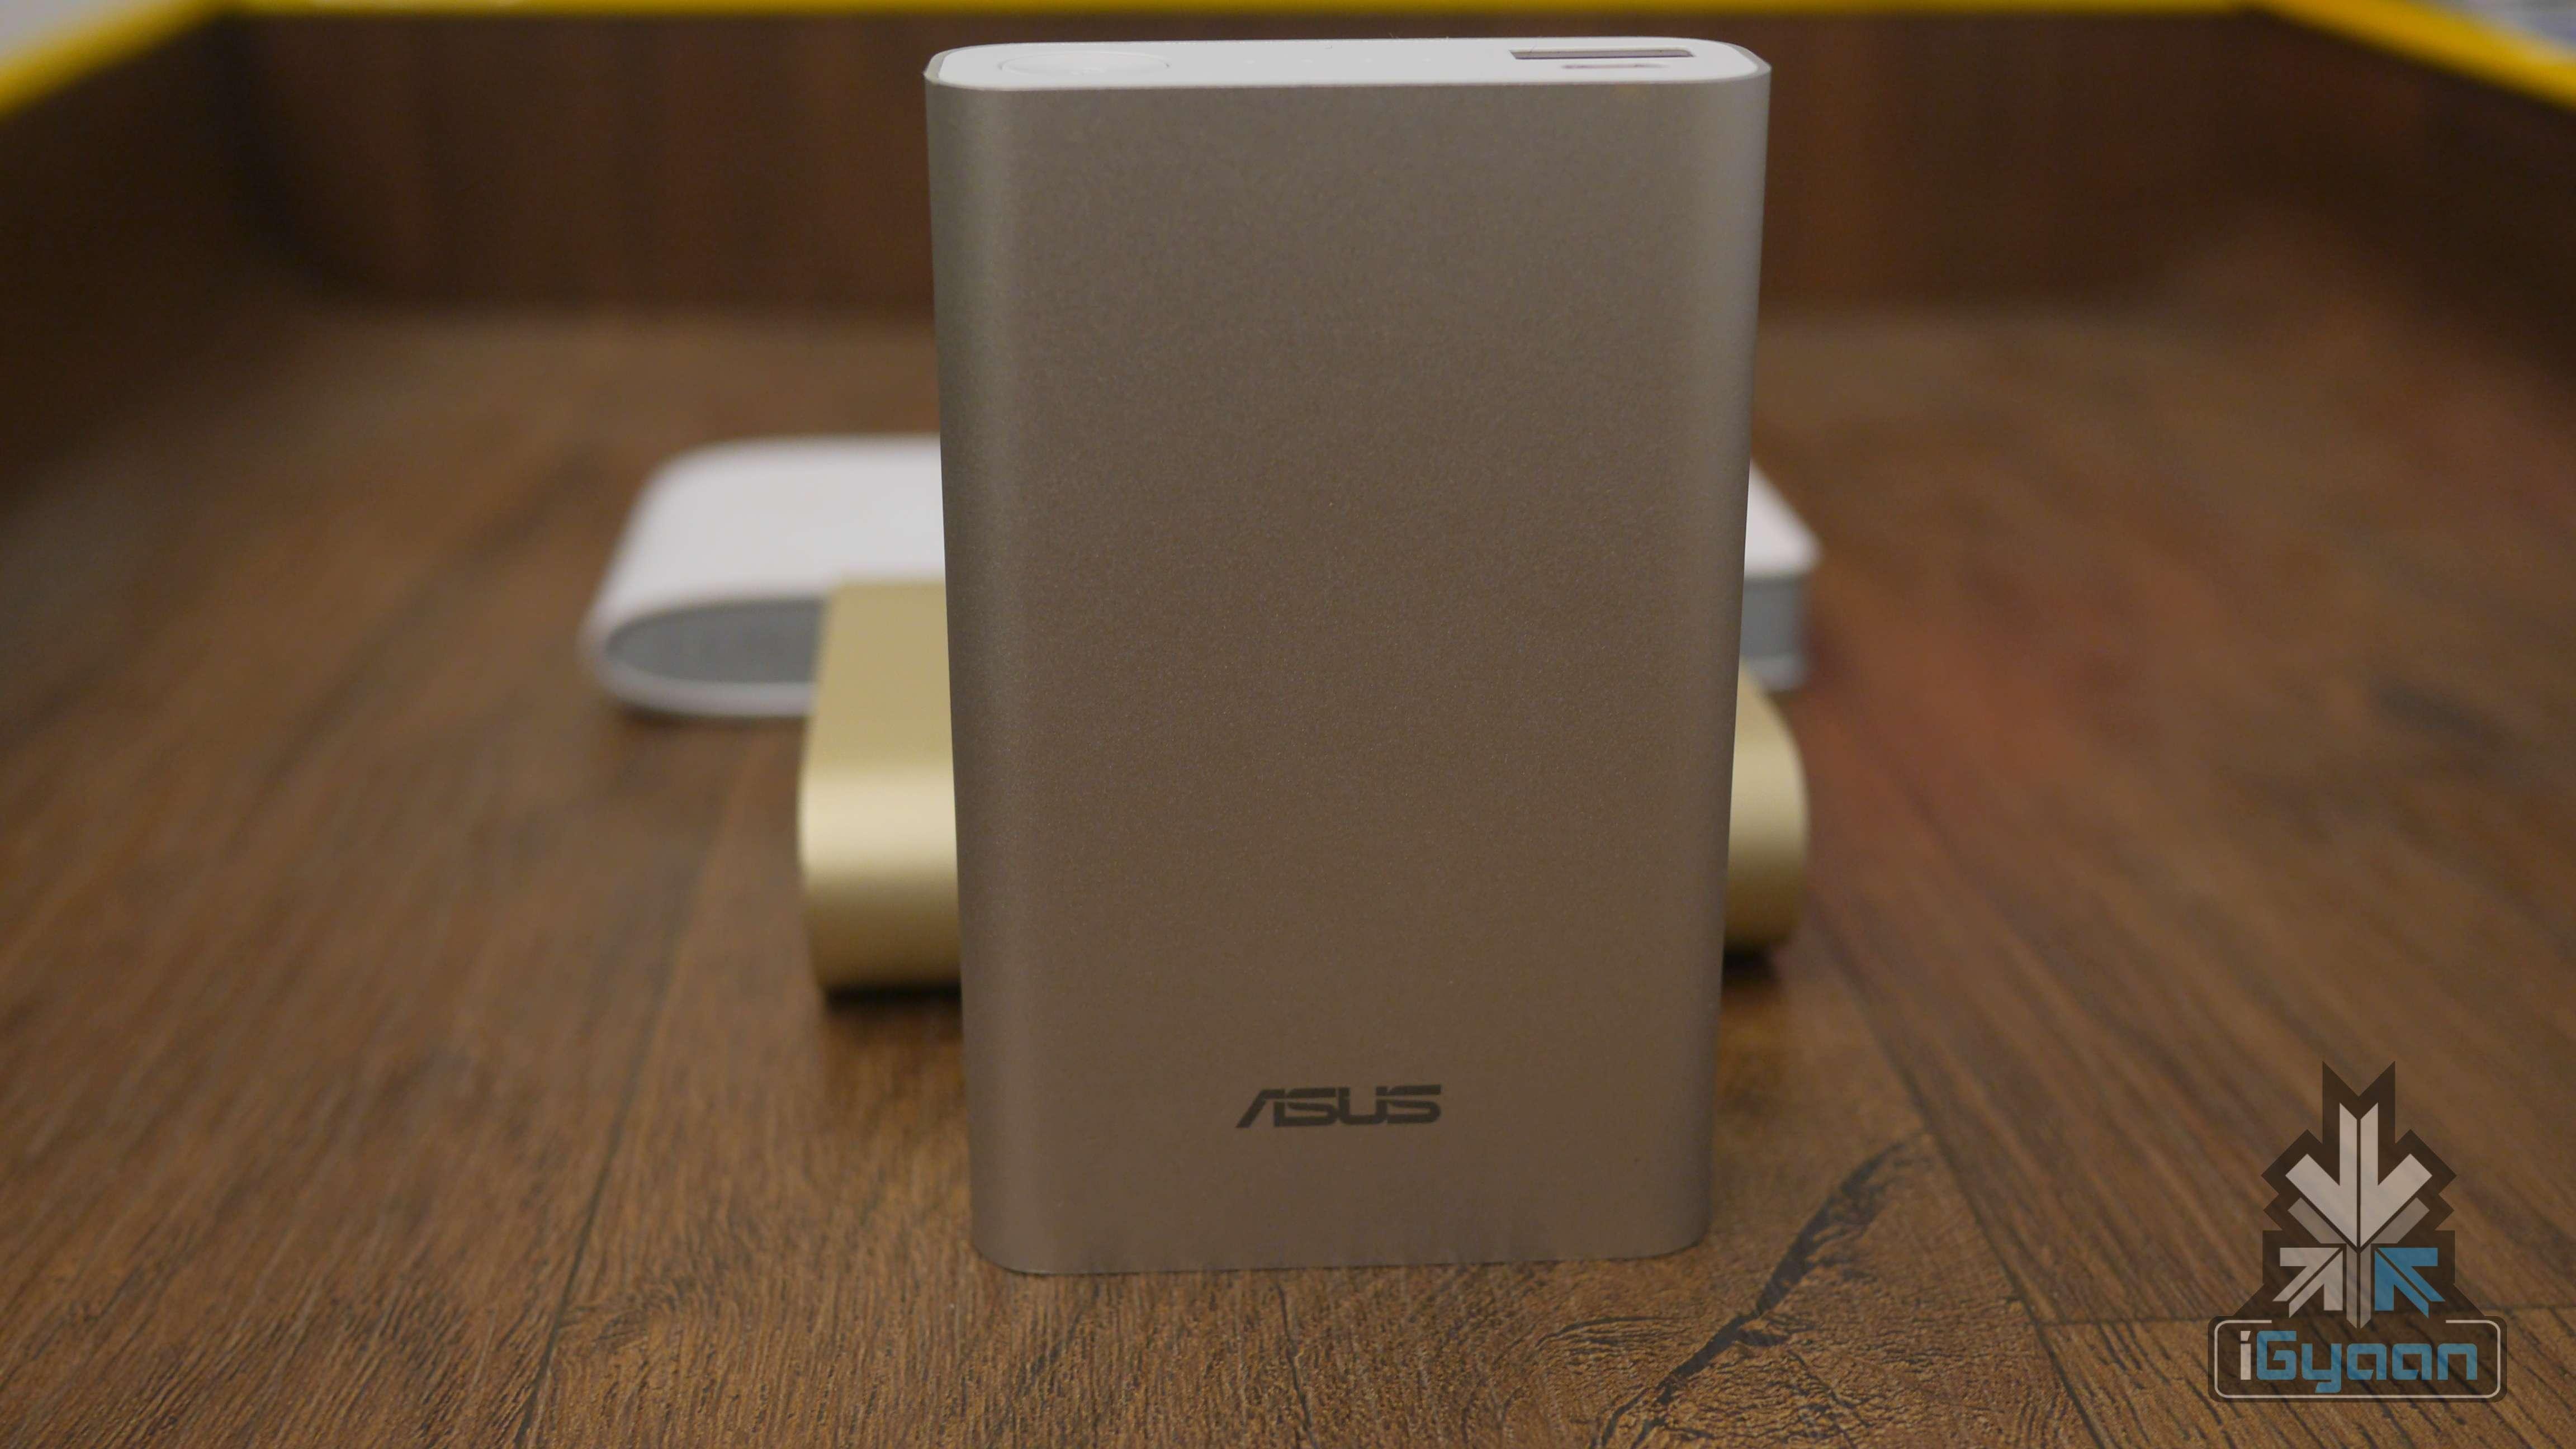 Power Banks Reviewed Oneplus Vs Xiaomi Asus Igyaan Zenpower Powerbank 10050mah Gold Bank 10